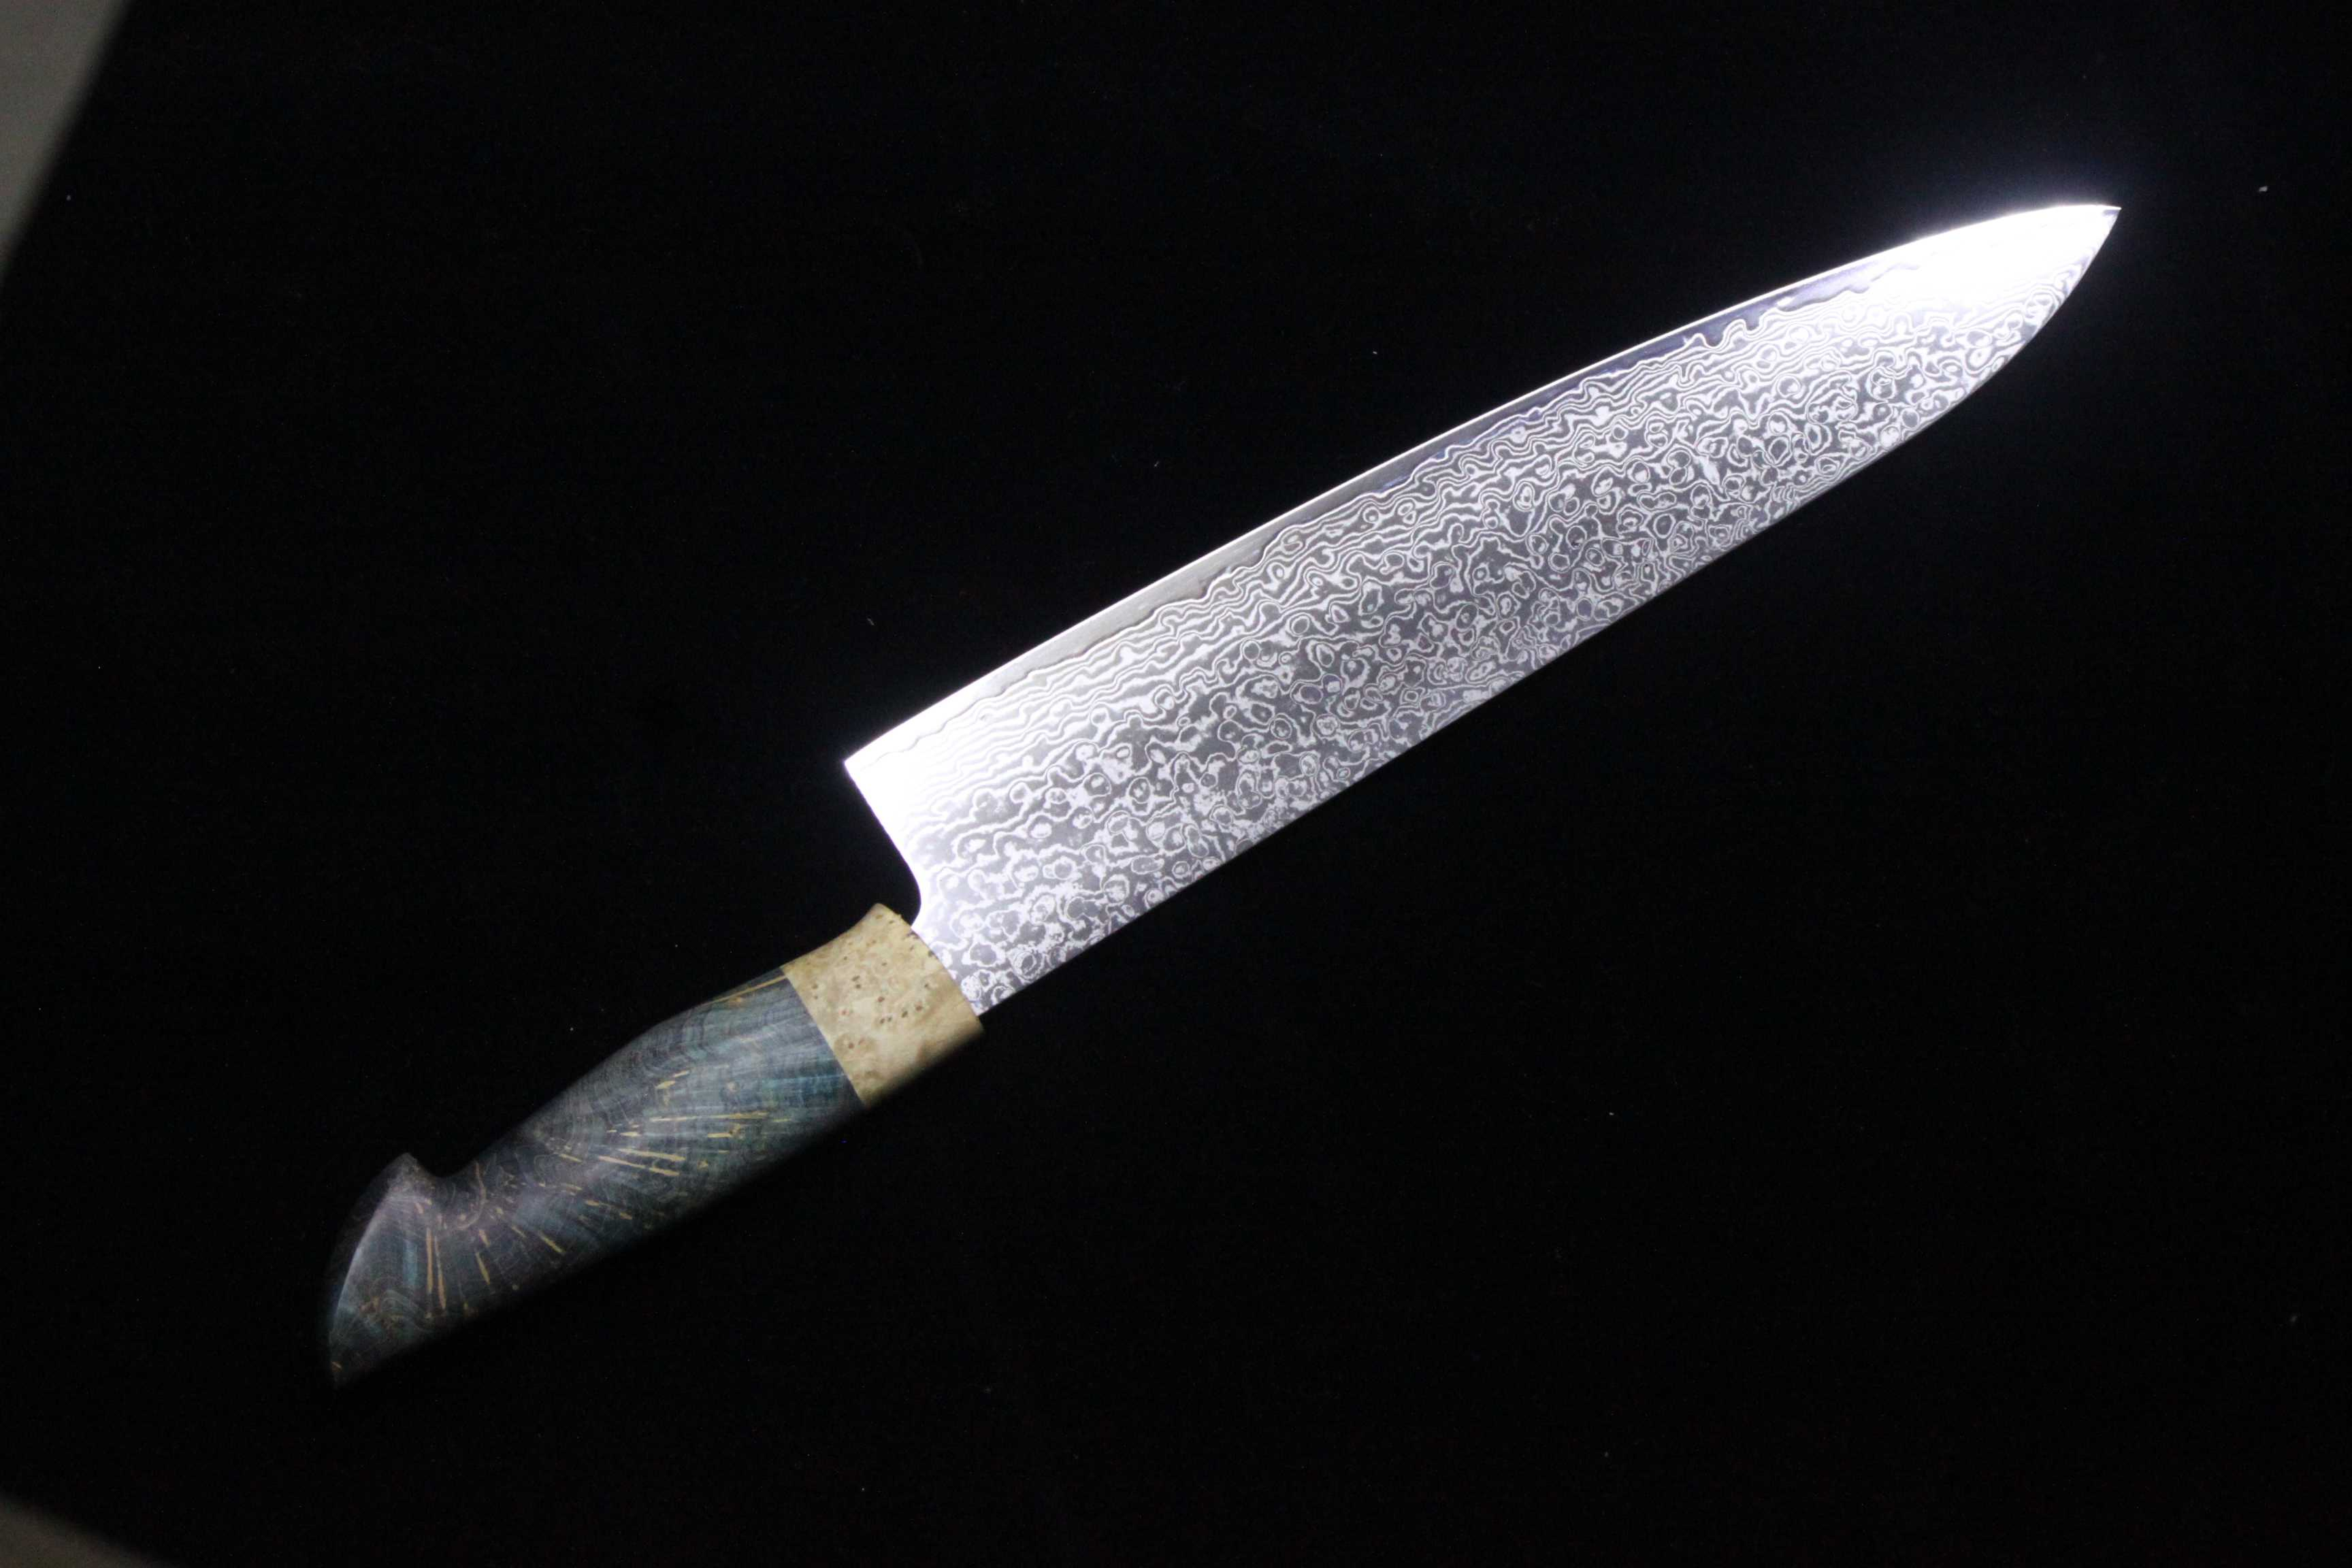 VG10 дамасский стальной нож шеф-повара с деревянной ручкой, нож Gyuto из нержавеющей стали, кухонные ножи, кухонная утварь с оболочкой